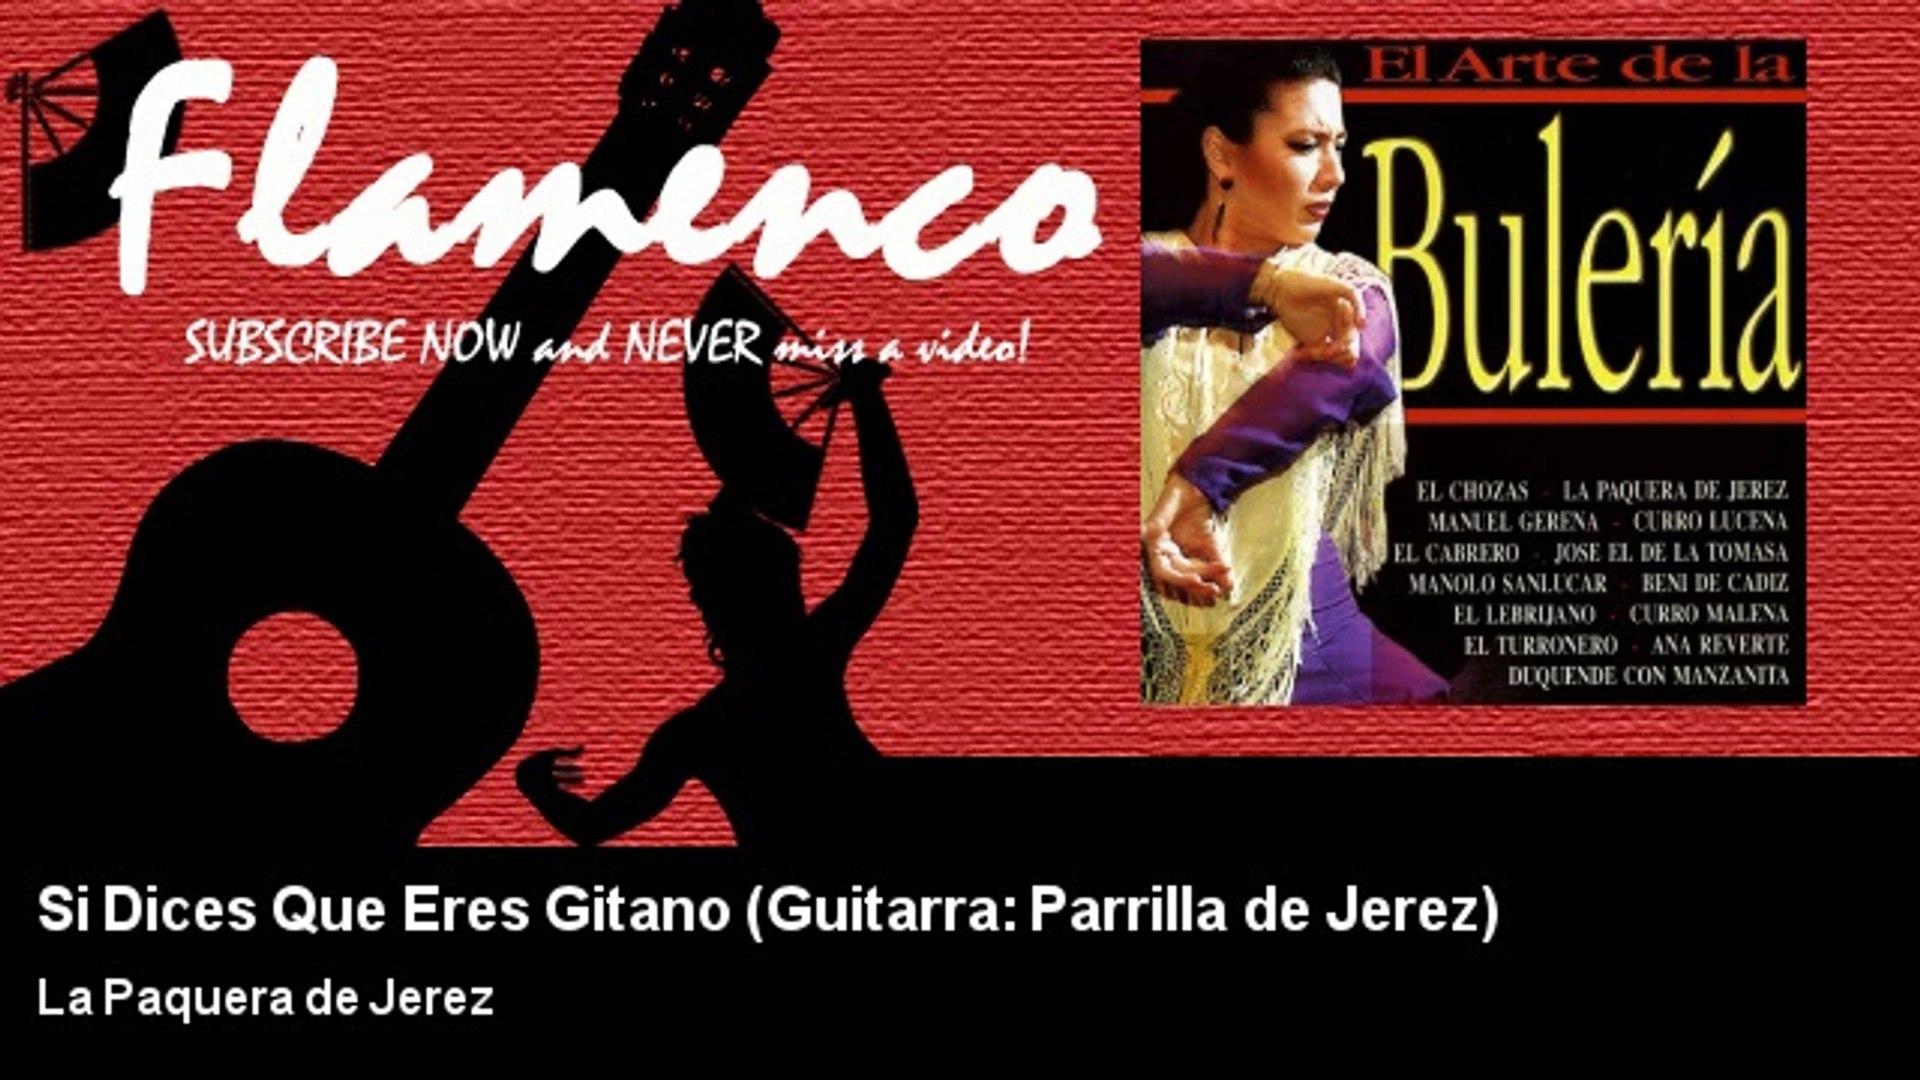 La Paquera de Jerez - Si Dices Que Eres Gitano - Guitarra: Parrilla de Jerez